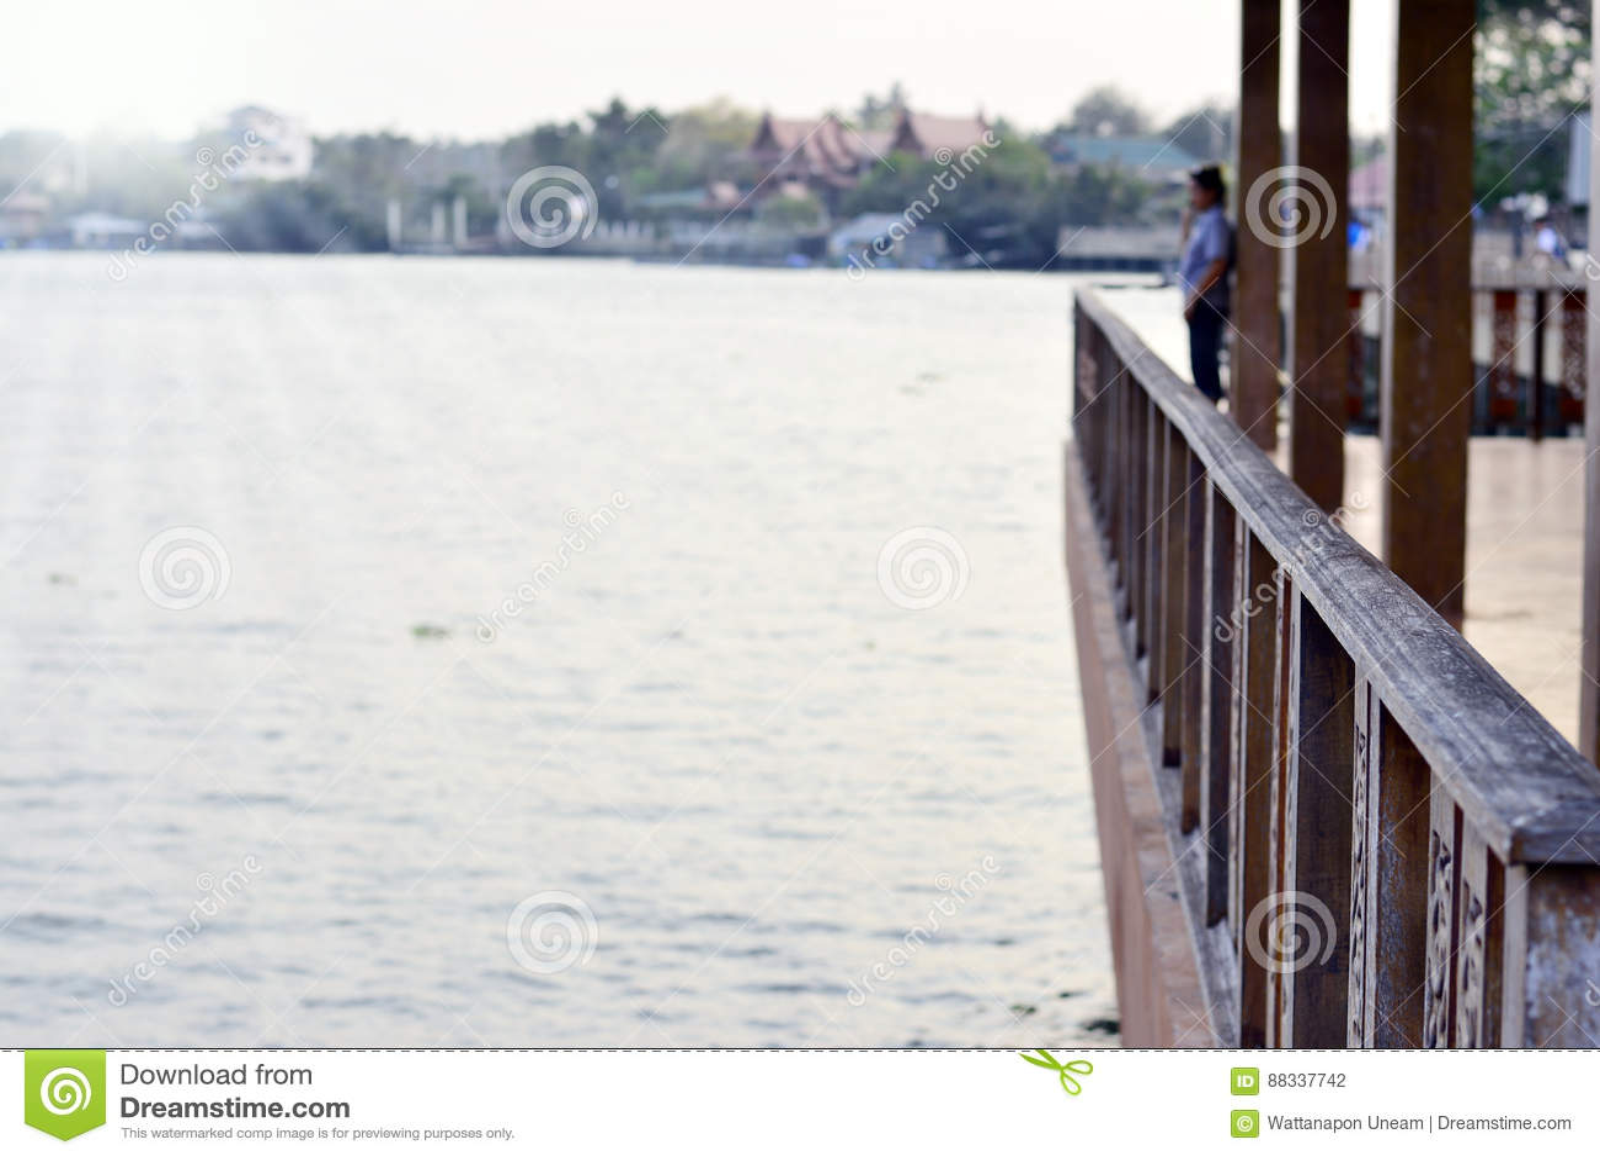 Balcón De Madera O Terraza De Madera Cerca Del Río Con Luz